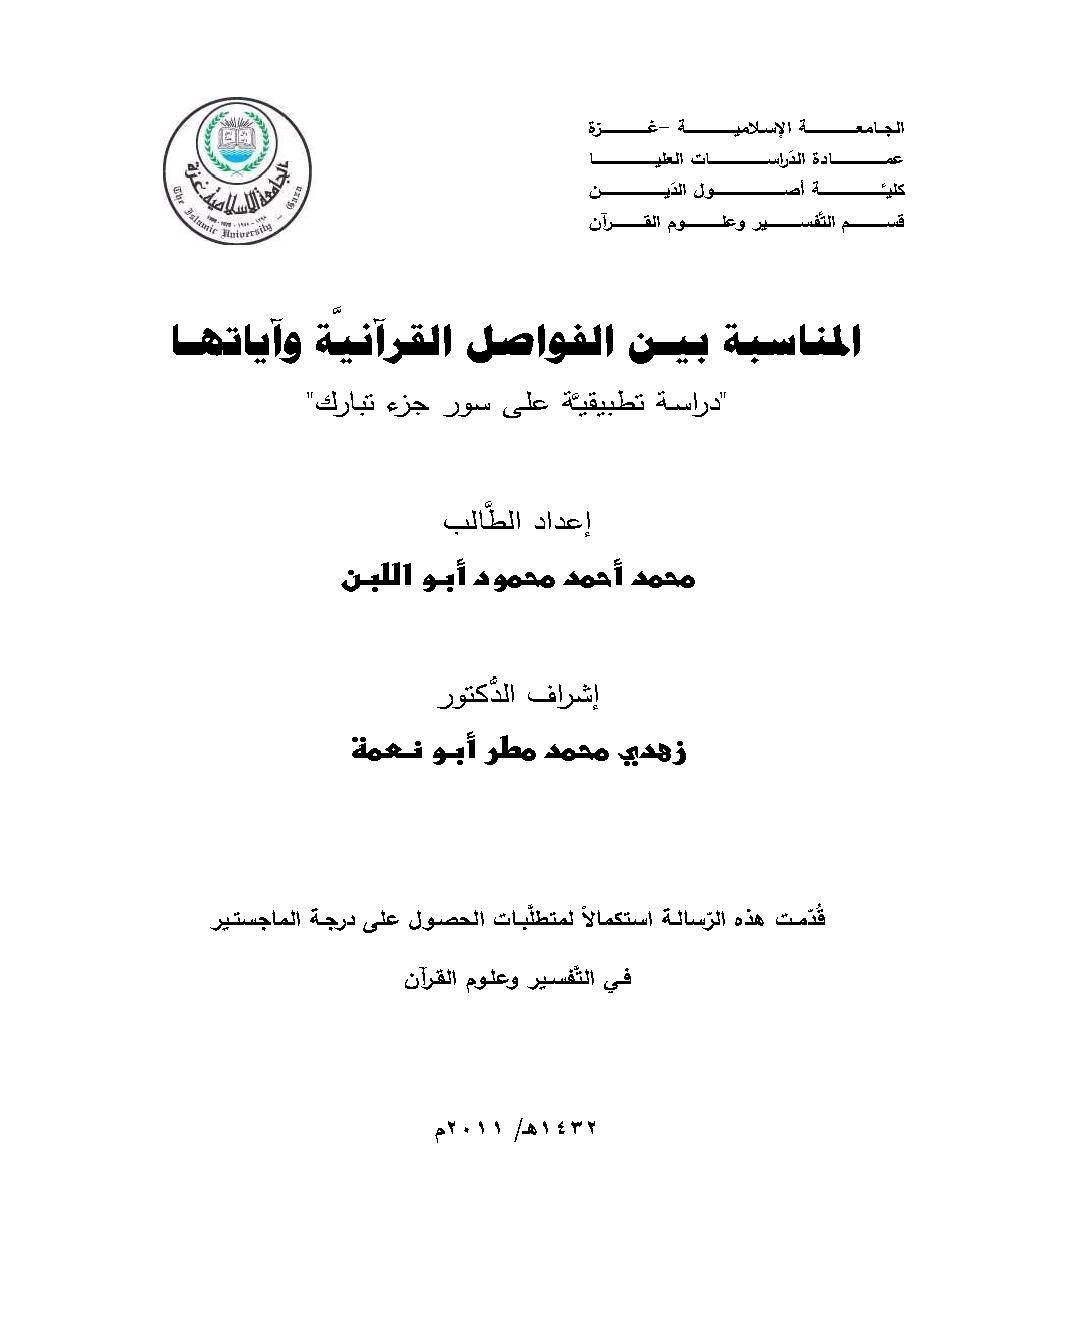 تحميل كتاب المناسبة بين الفواصل القرآنية وآياتها (دراسة تطبيقية على سور جزء تبارك) لـِ: محمد أحمد محمود أبو اللبن